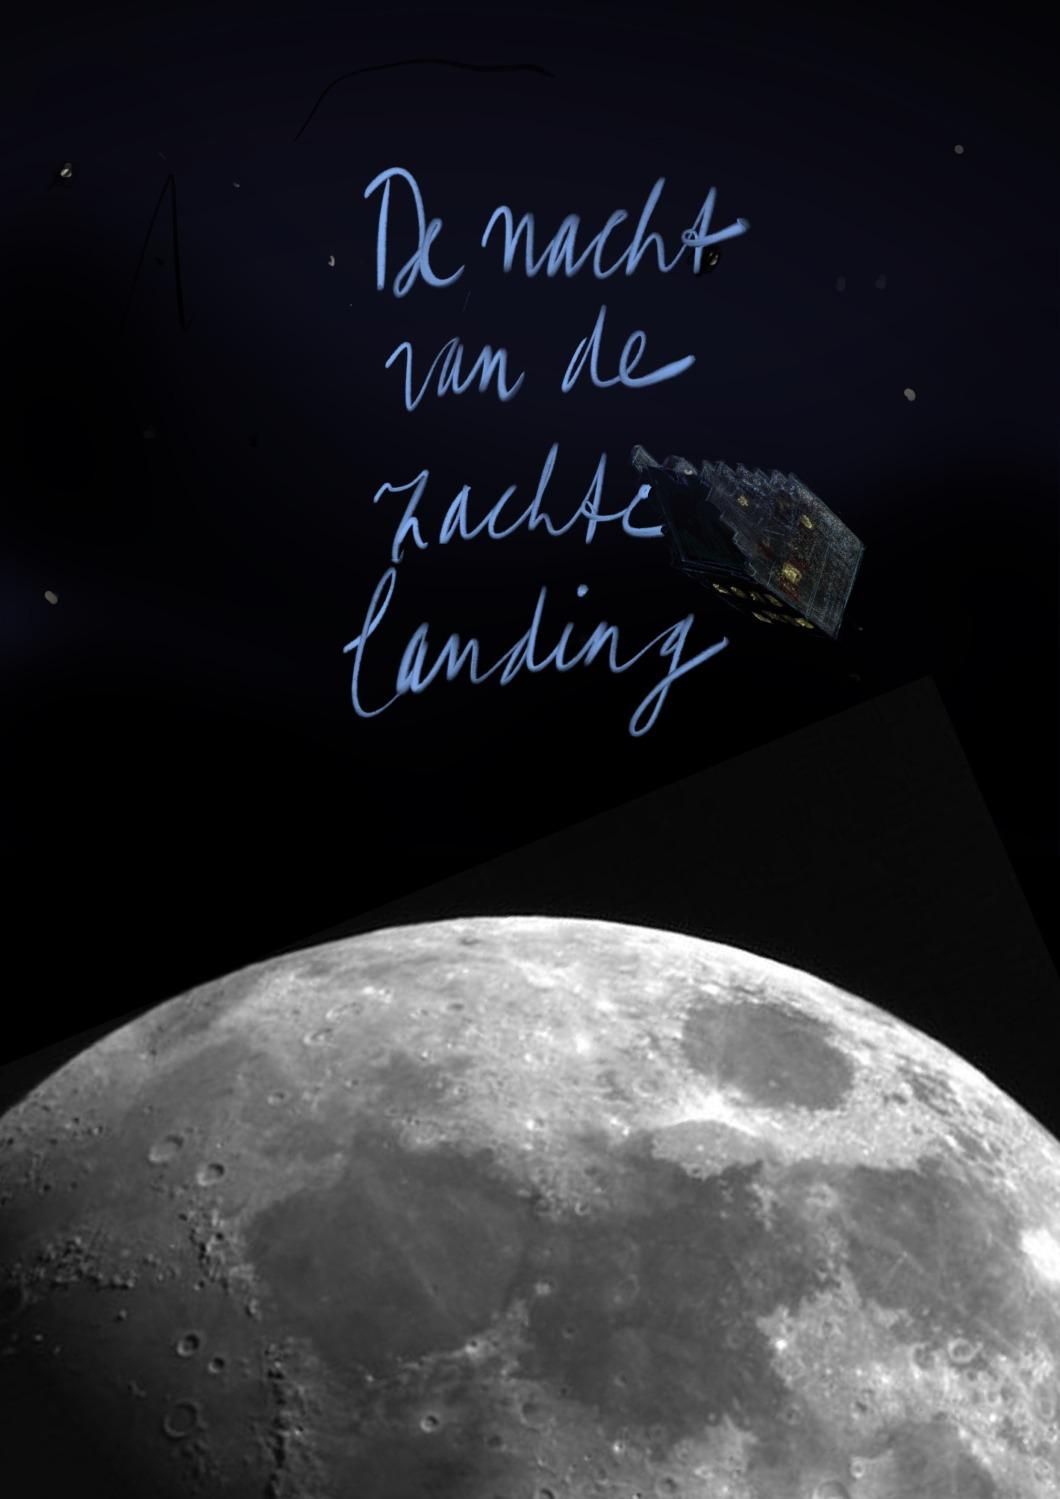 Nacht van de zachte landing 20 juli 2019.jpg